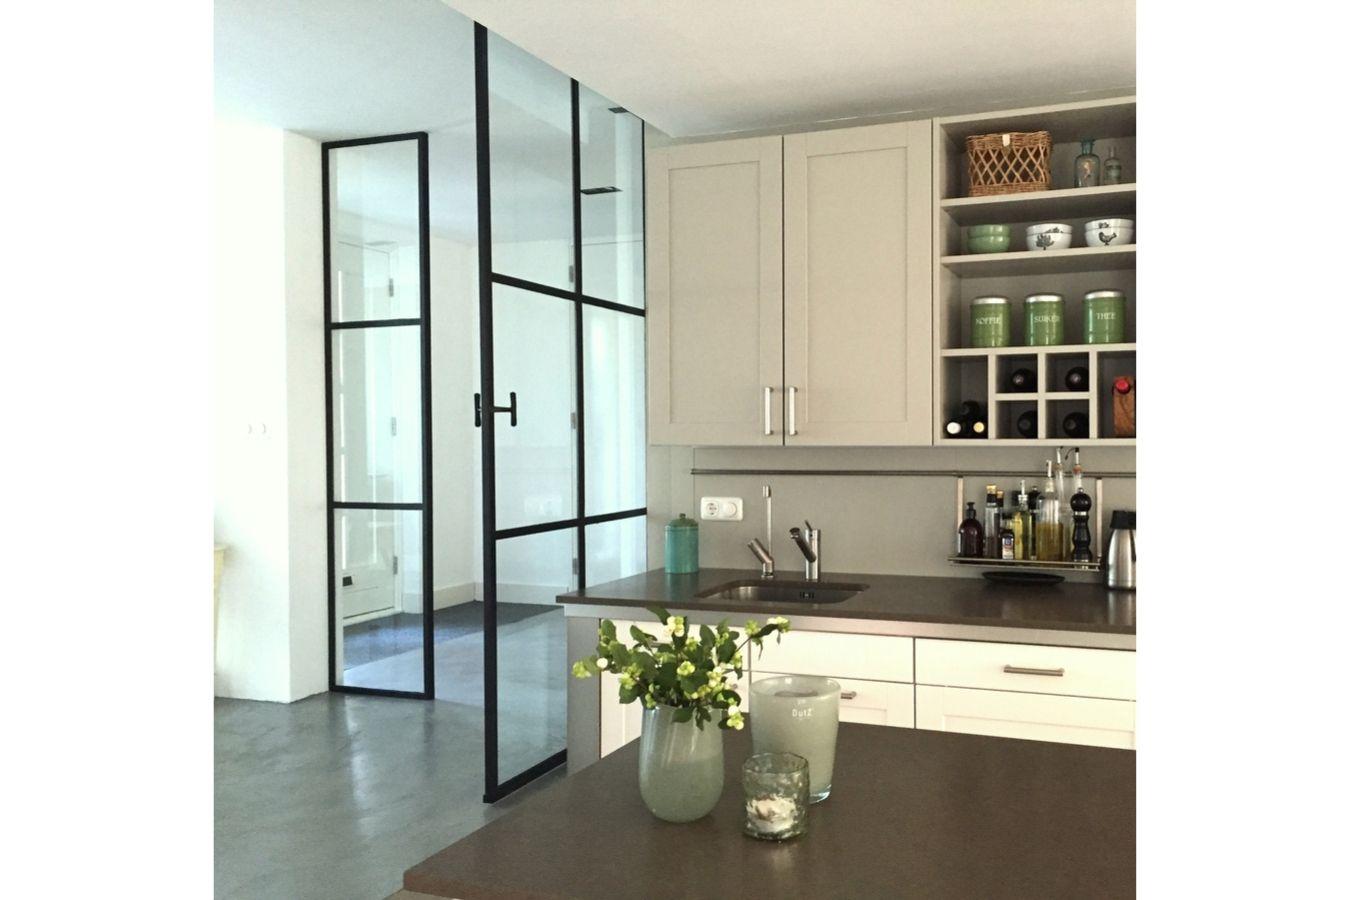 Stalen taatsdeur, stalen binnendeur, stalen binnenpui gerealiseerd door StalenDeurenHuys - Stalen deuren